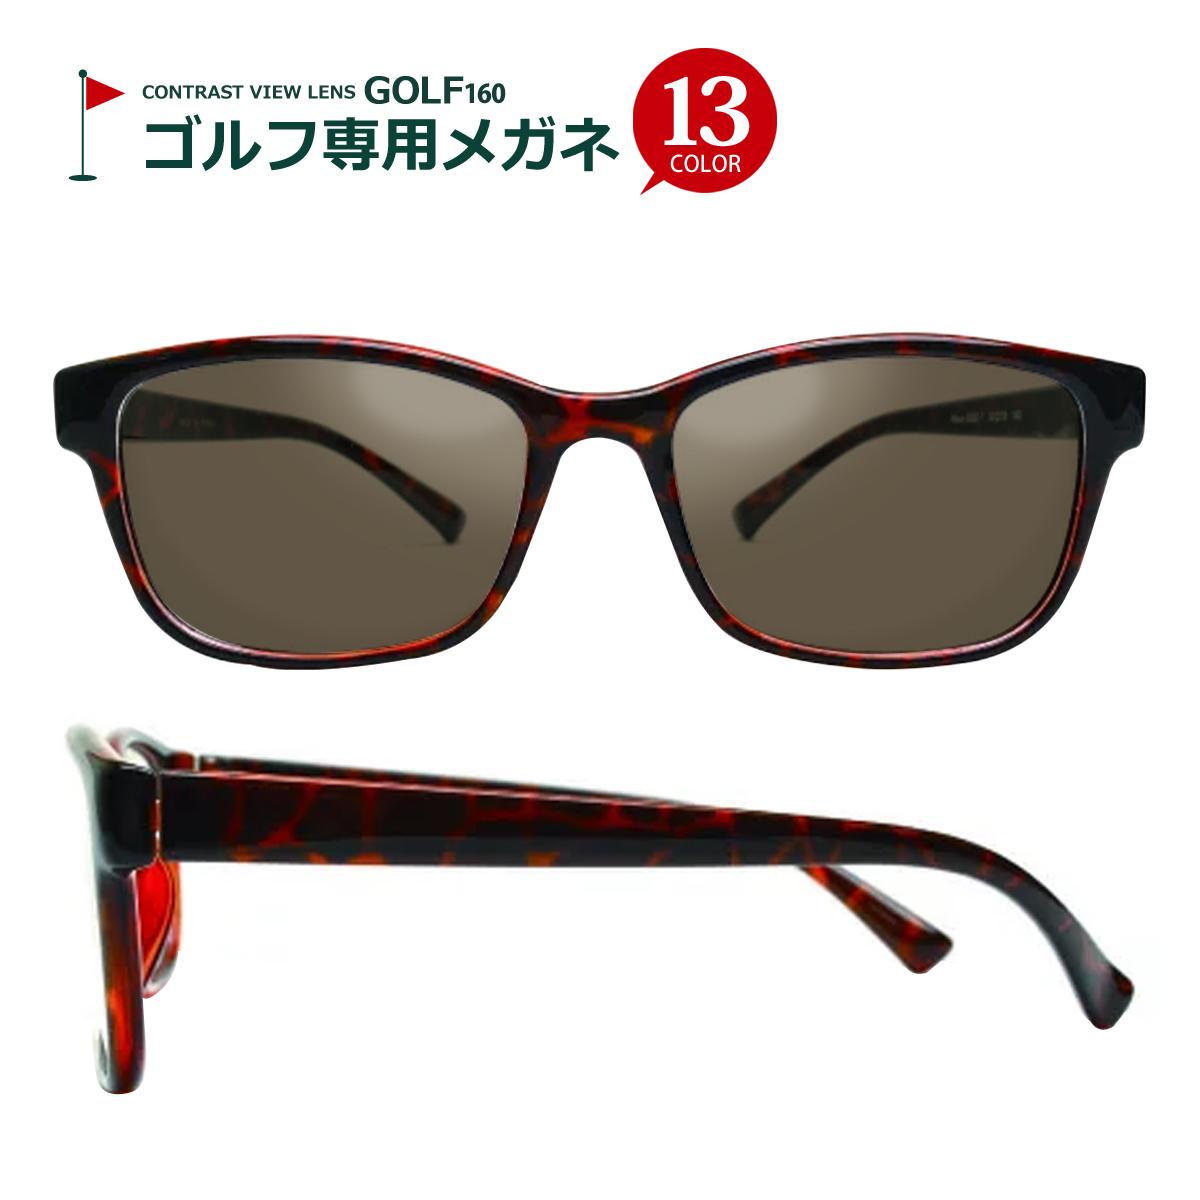 ゴルフをとことん楽しみたい方に 初売り ゴルフ専用メガネ 度入り 乱視対応 Lune-0002 フレームタイプ 超特価 ウェリントン